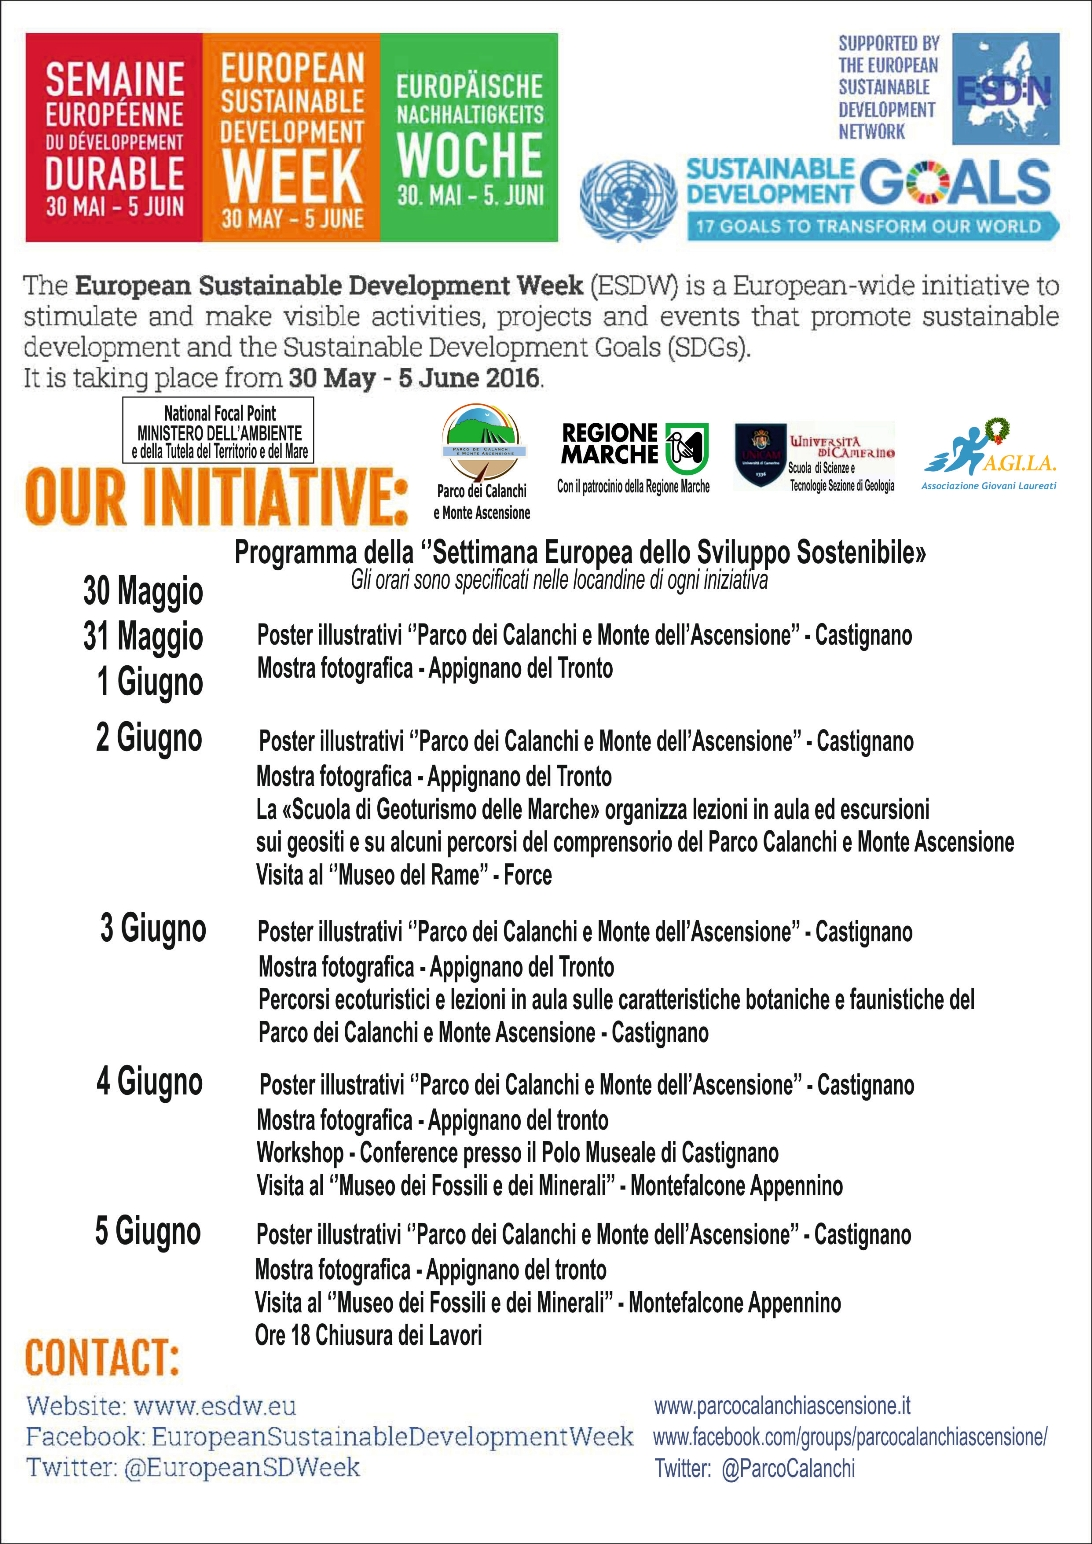 ESDW - Programma della Settimana Europea dello Sviluppo Sostenibile organizzata dal Parco dei Calanchi e Monte Ascensione